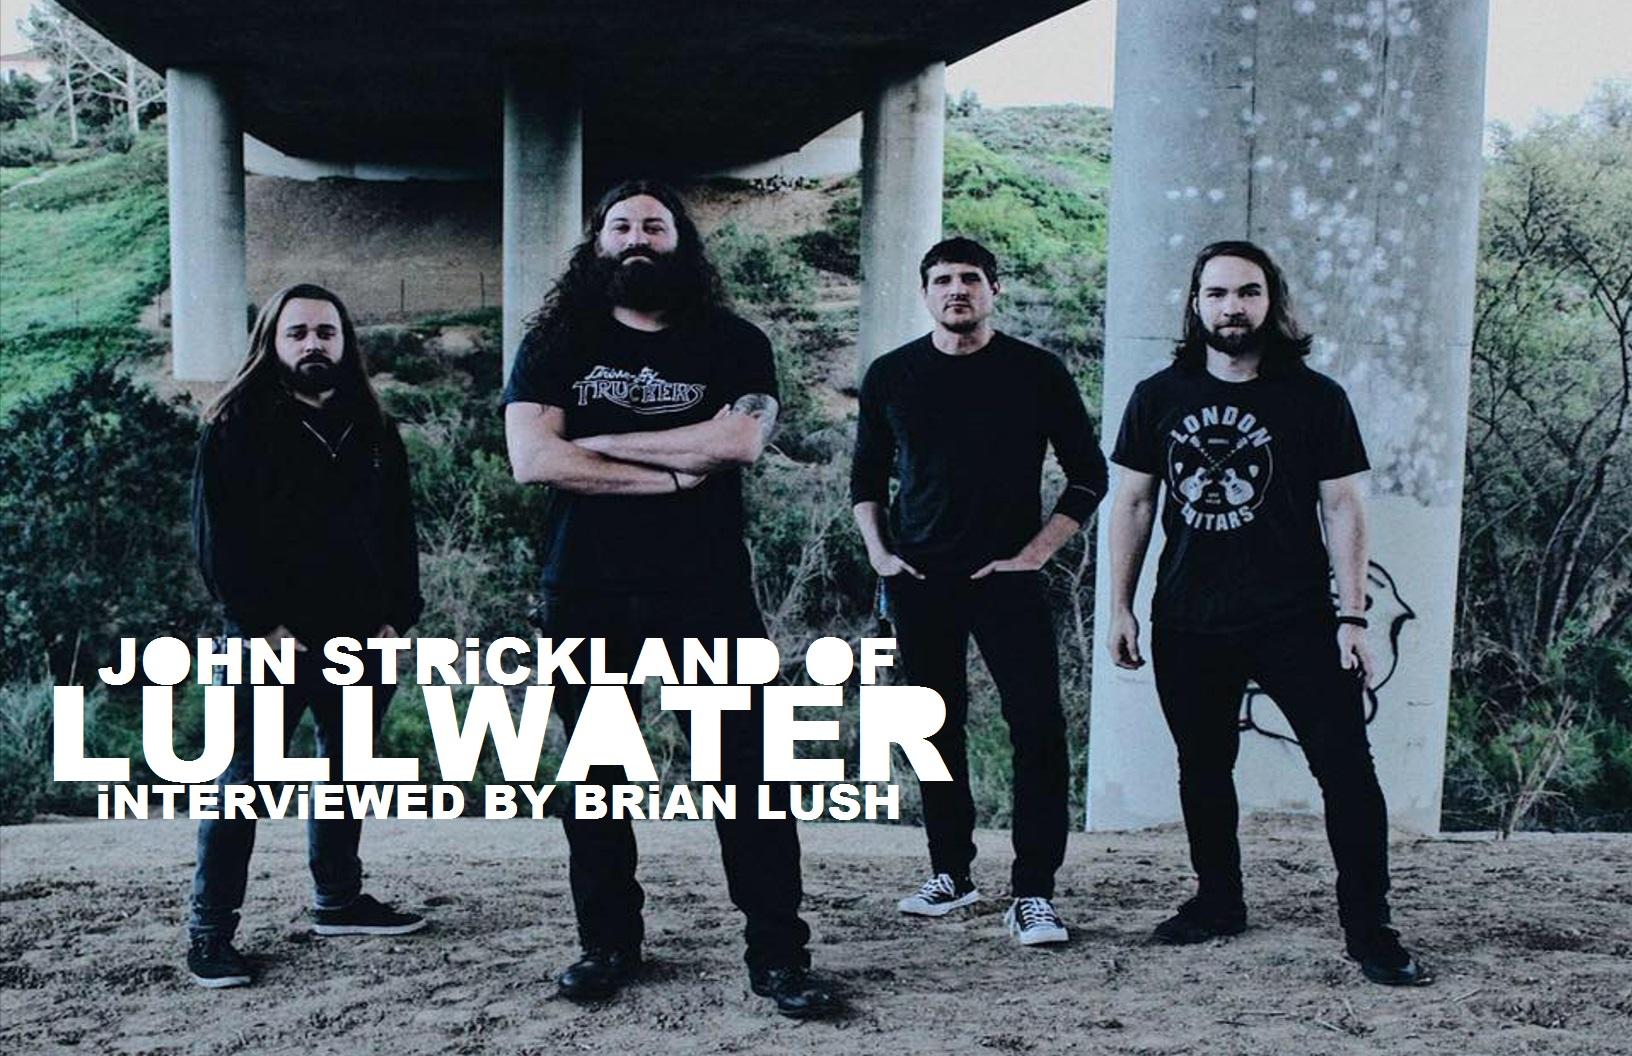 http://www.rockwired.com/Lullwater.jpg